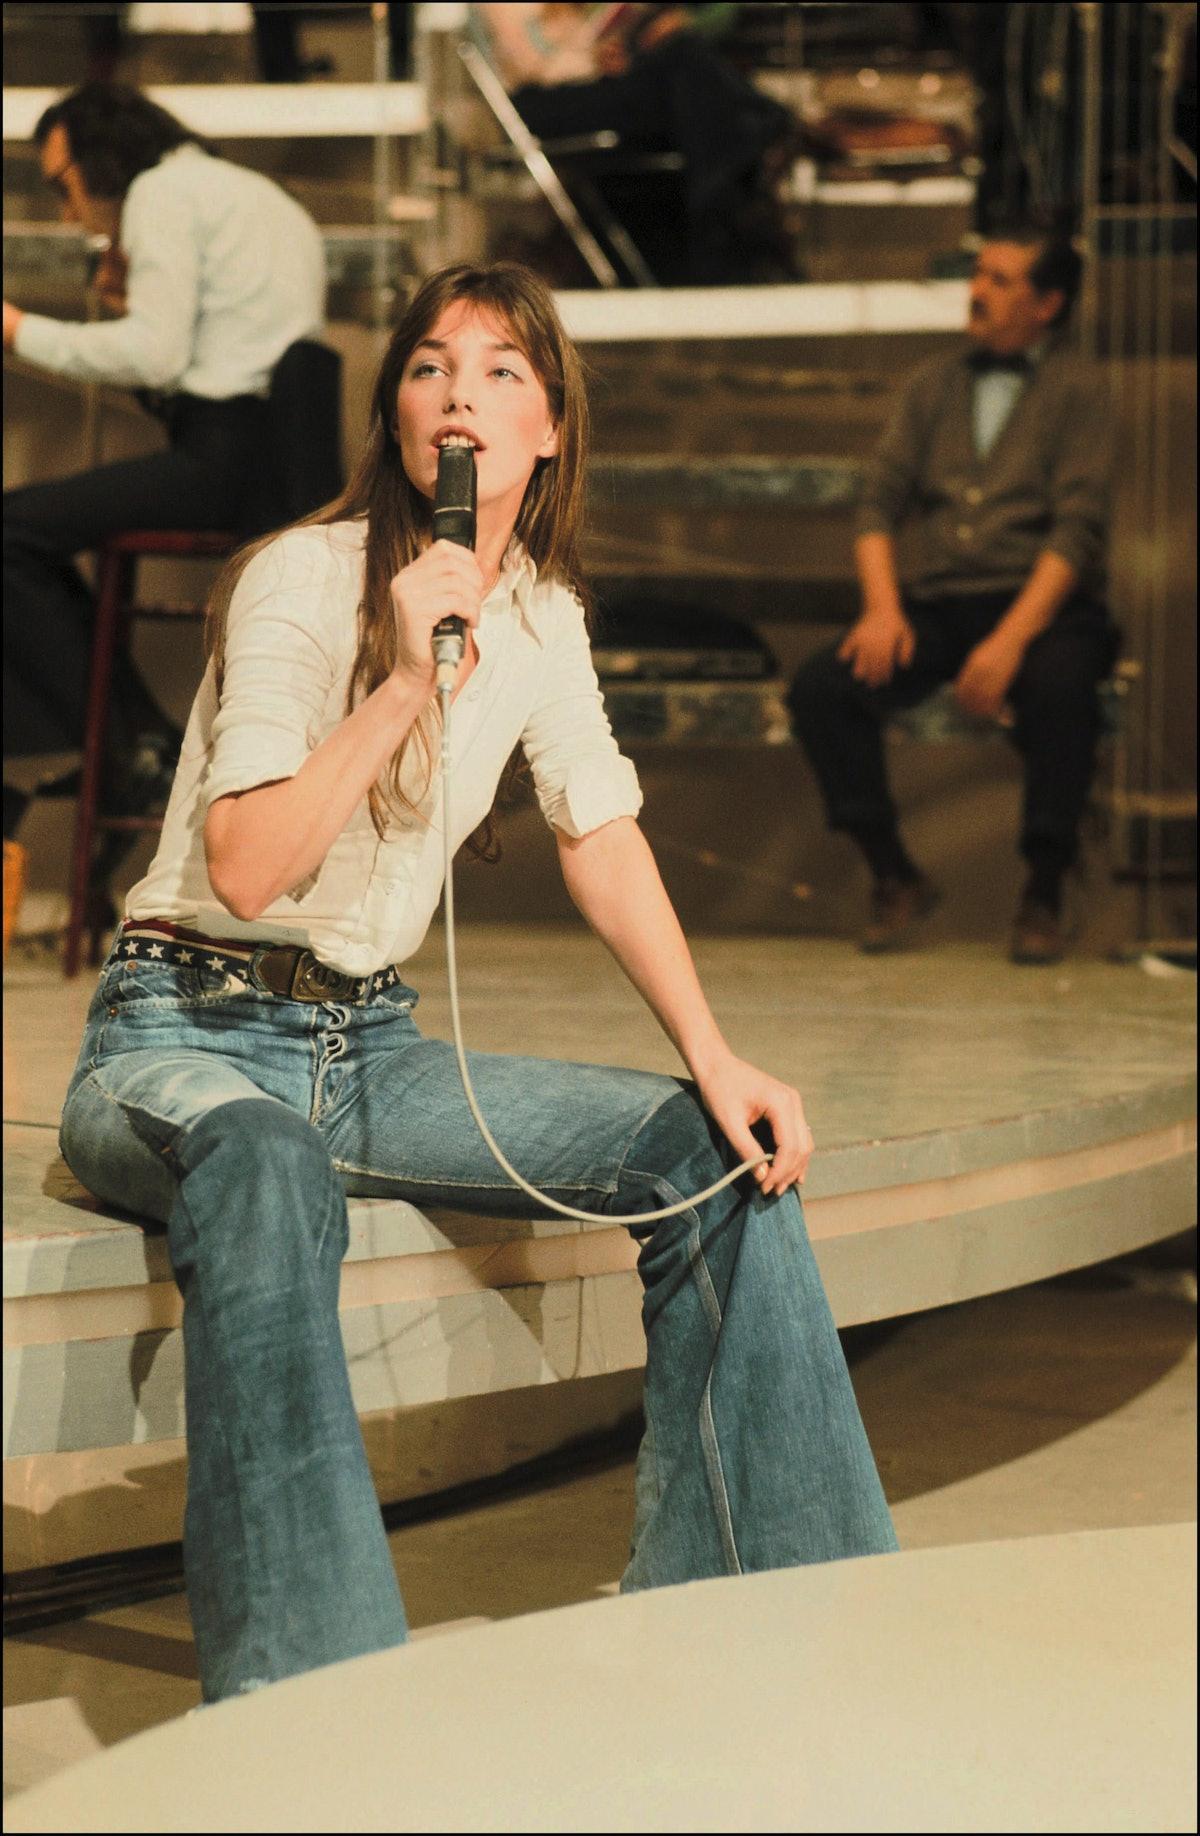 Jane Birkin wearing jeans in 1991